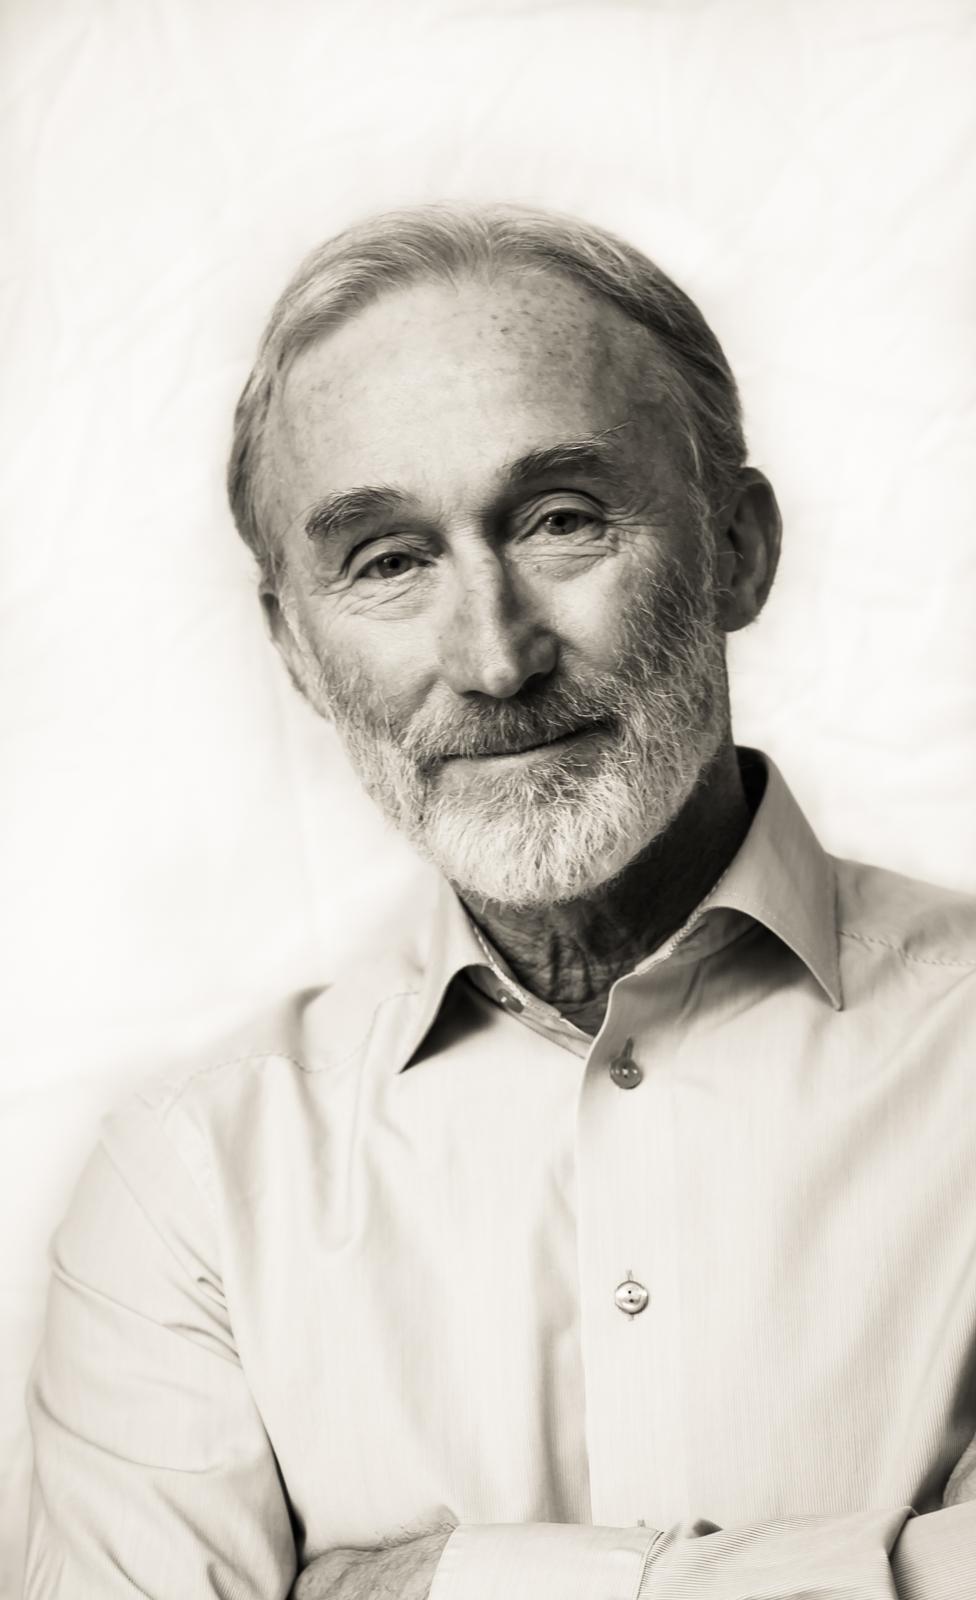 Mats Hebrand